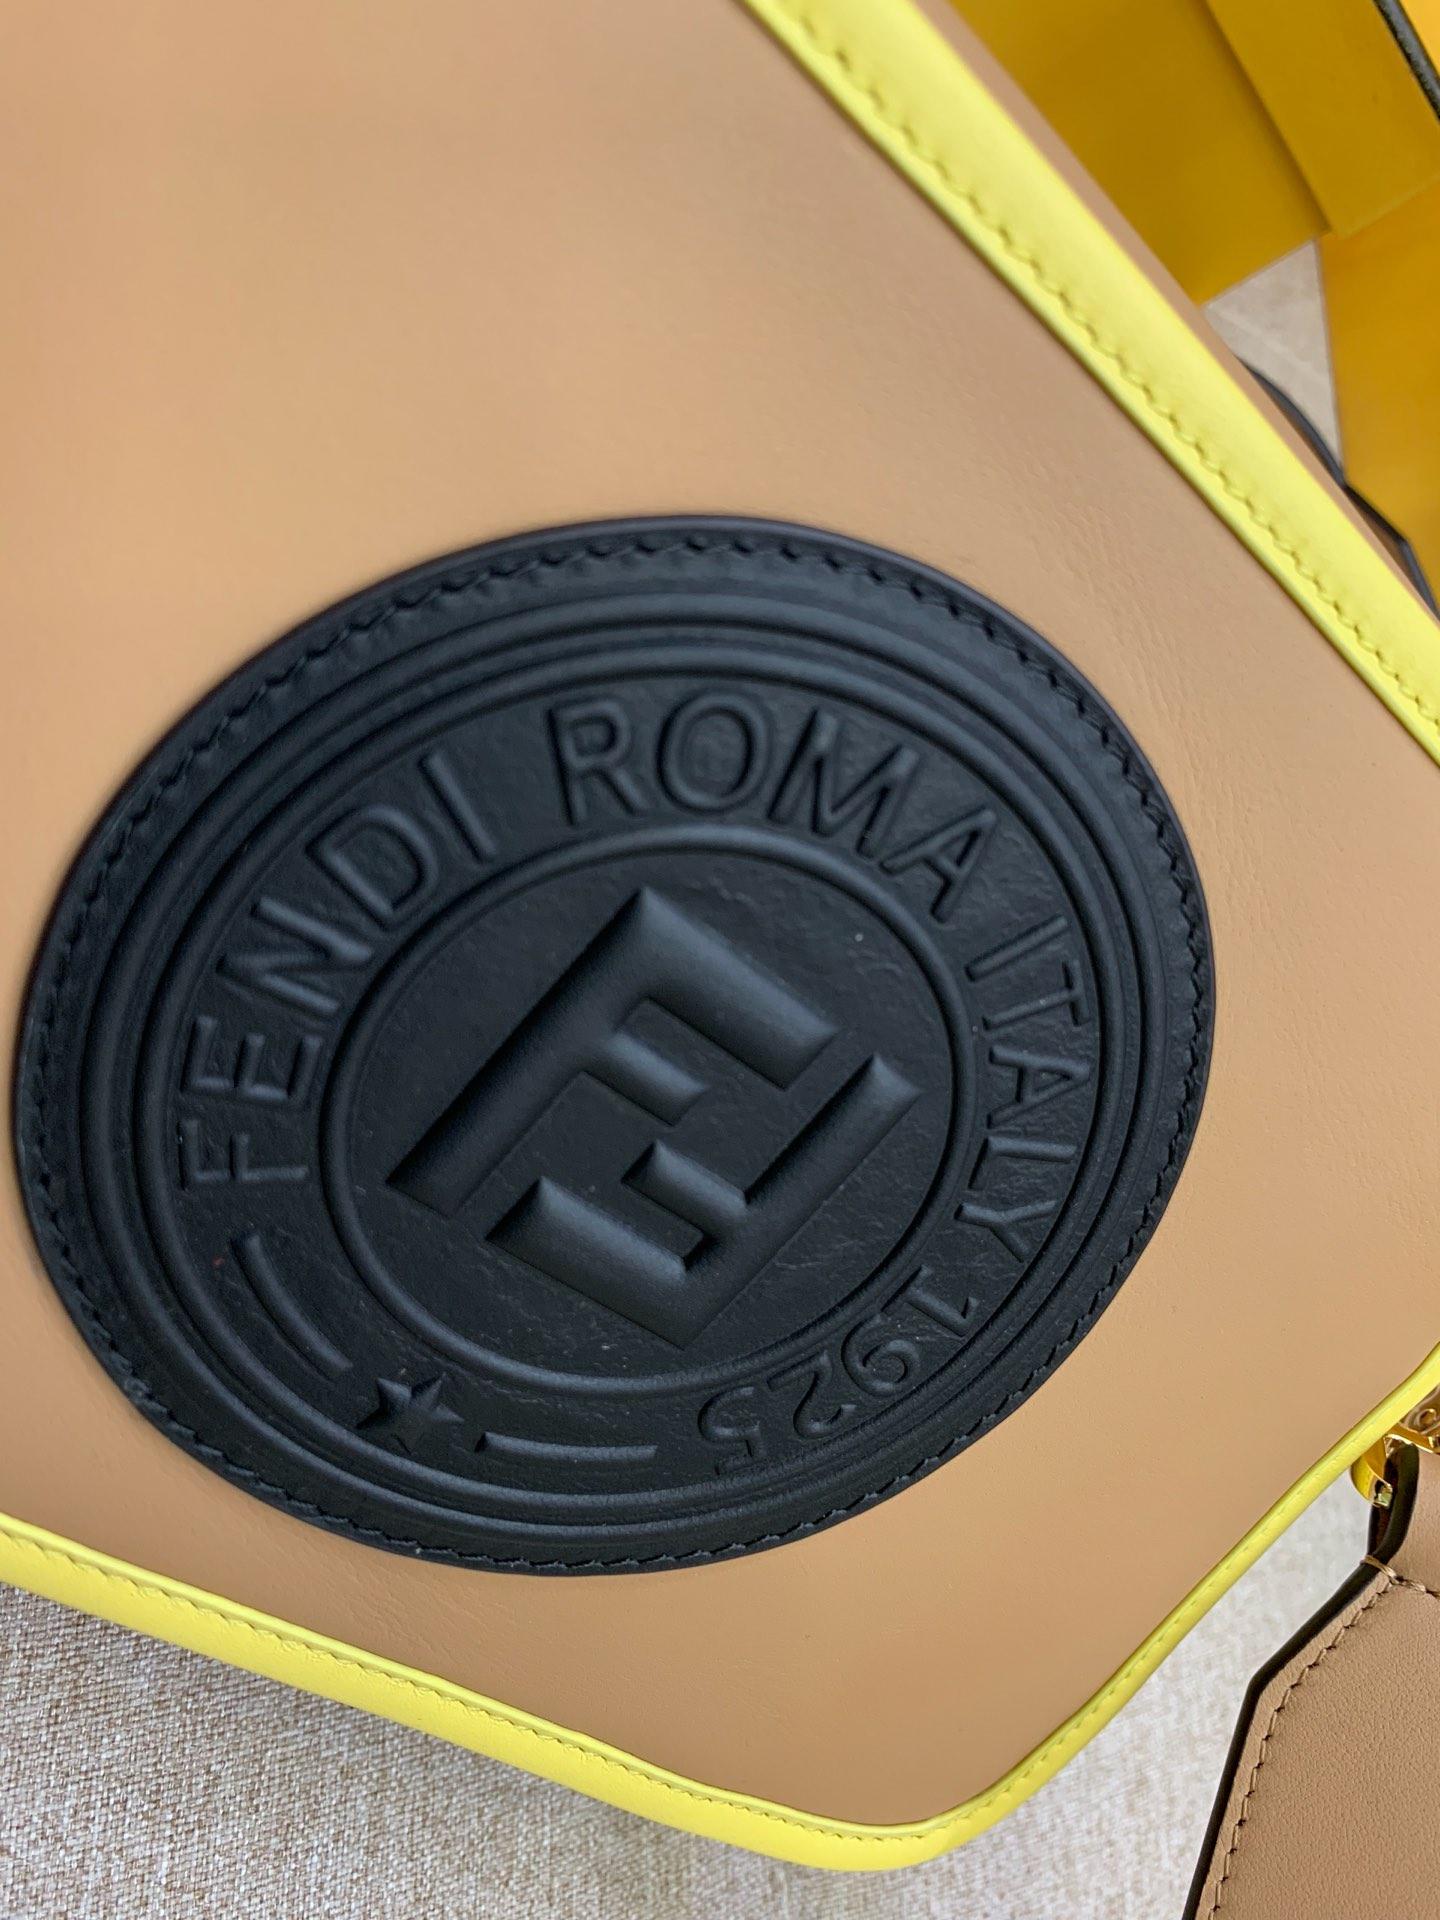 现货 最新相机包 可拆卸的斜背肩带 新款F标志拉链开合 22x15x7cm 8855